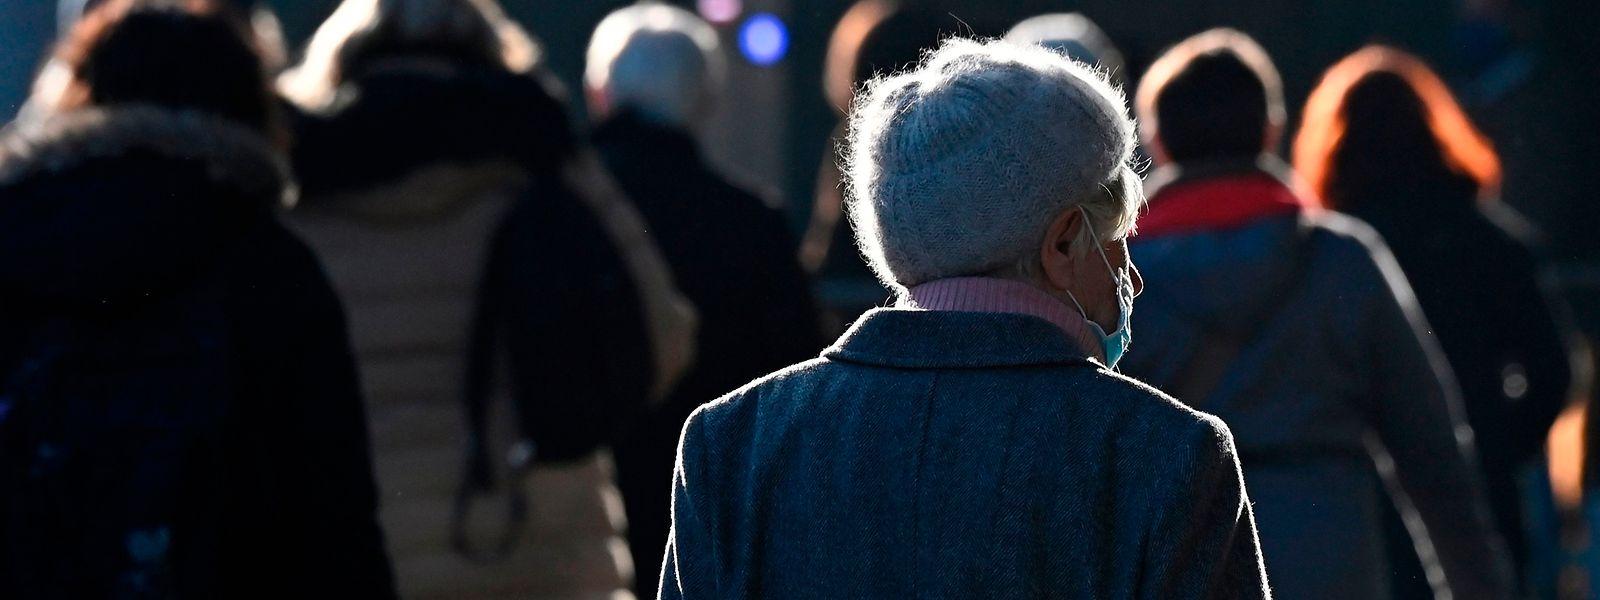 In Schweden ist besonders die ältere Generation schwer betroffen von der grassierenden Corona-Pandemie.